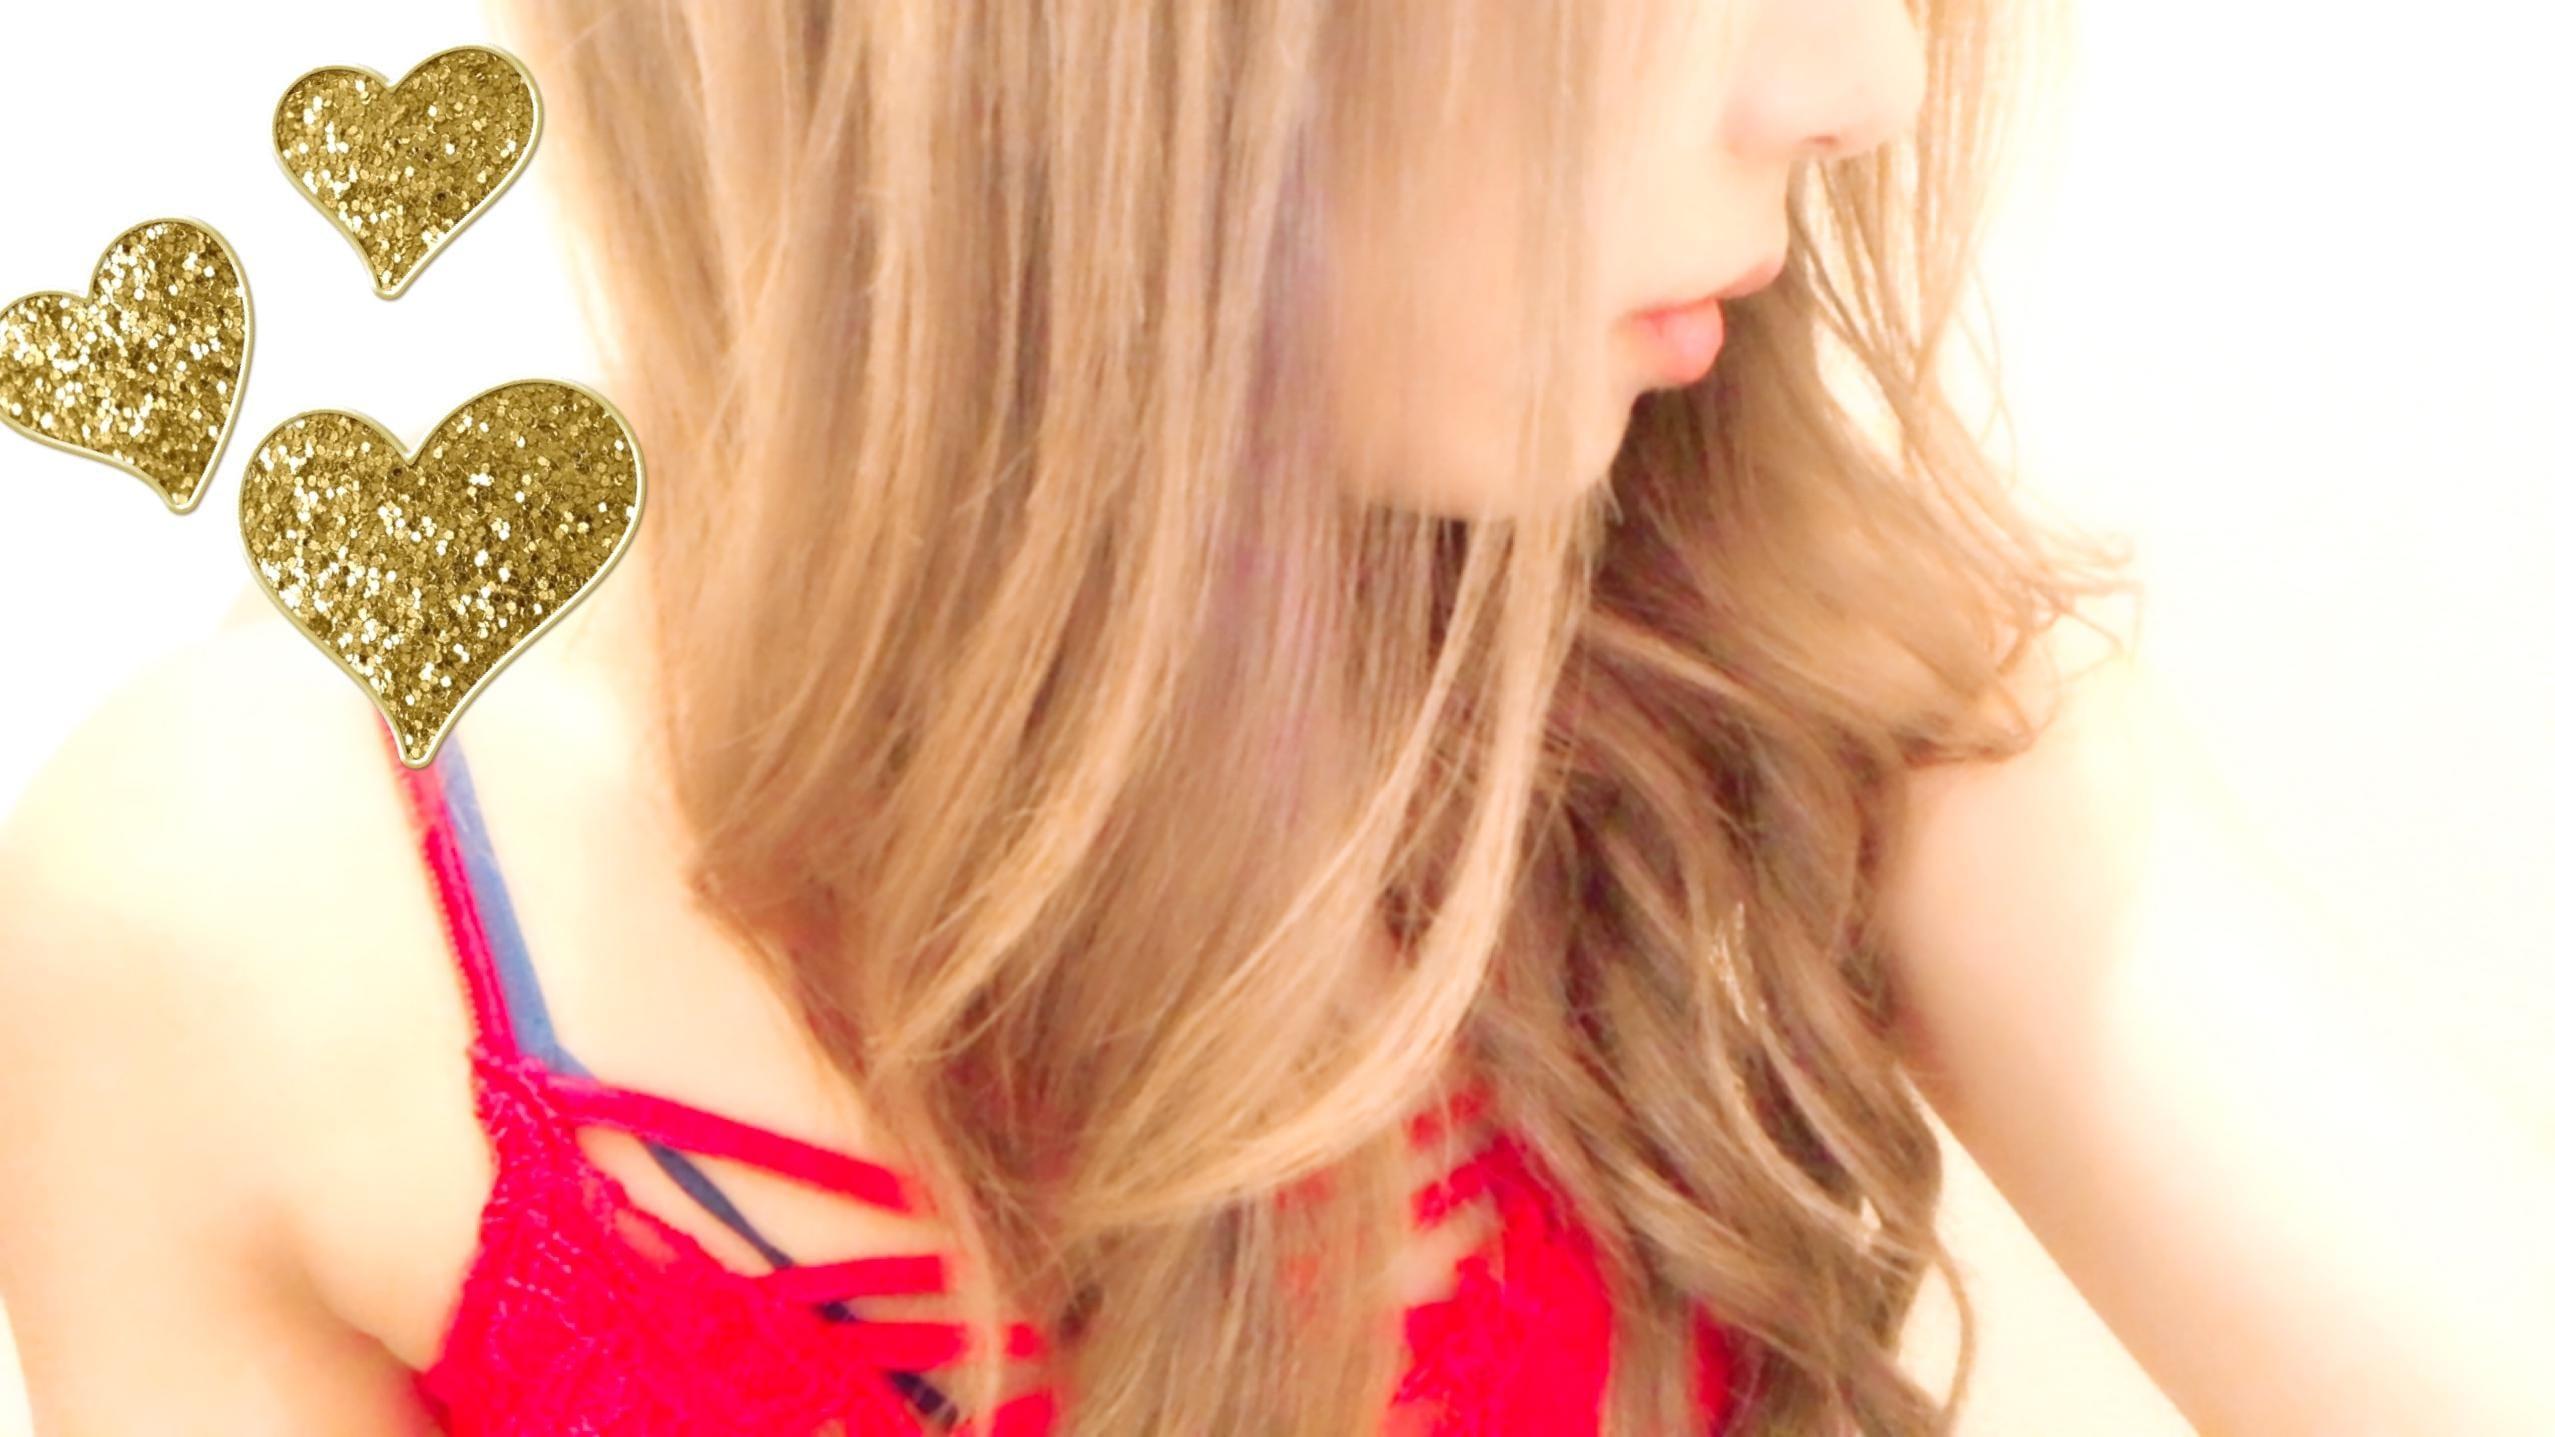 「昨日のお礼」12/13(12/13) 10:56 | りりなの写メ・風俗動画